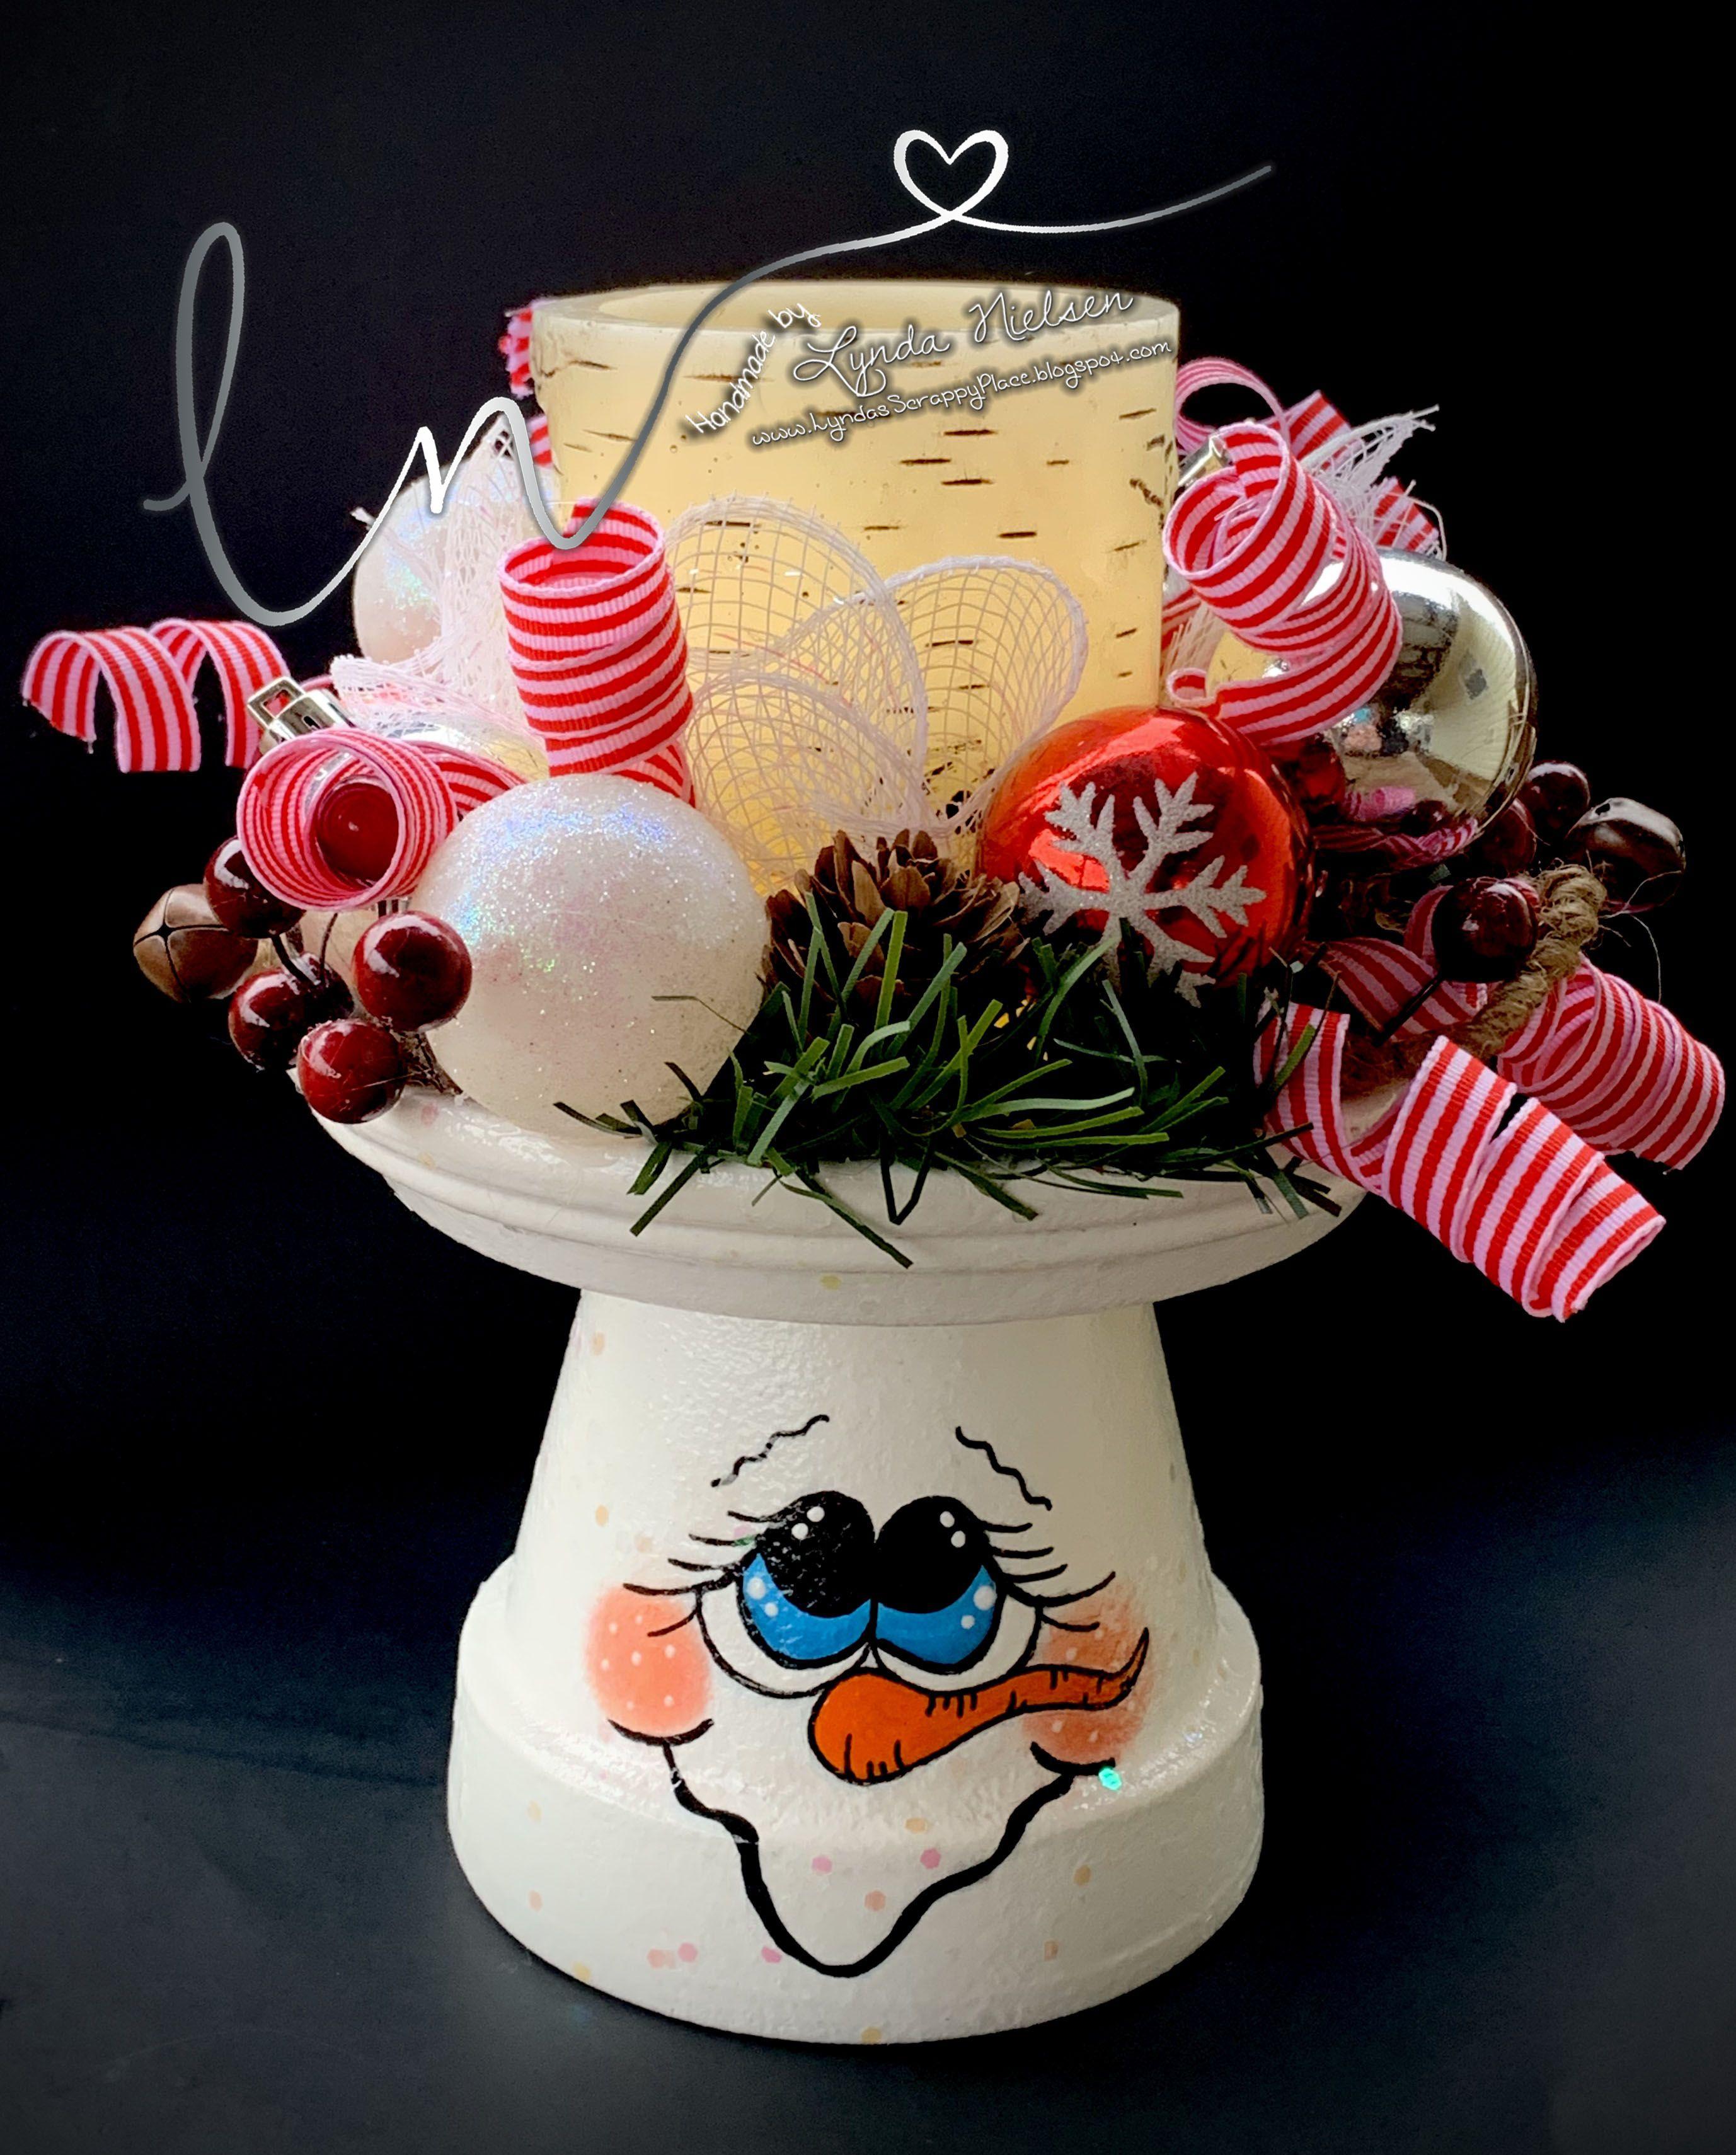 Claypotsnowman snowmanpot snowmancandleholder painted